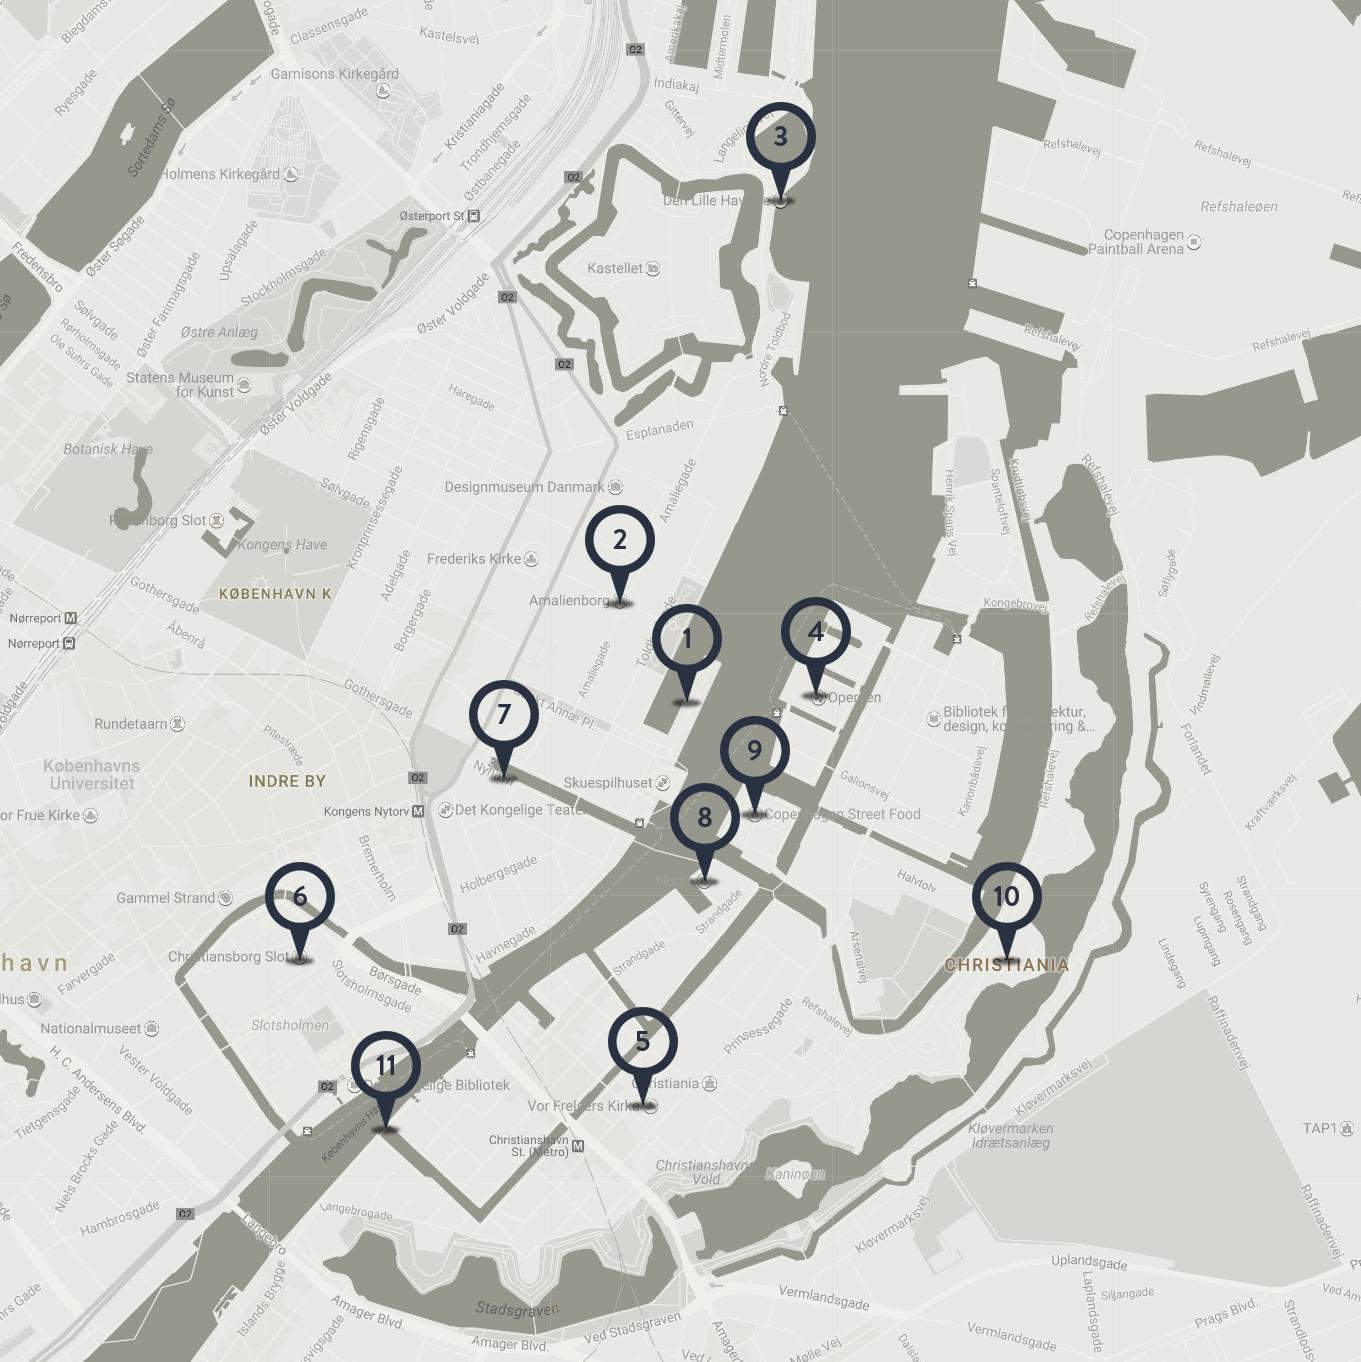 map_DK_D_v2